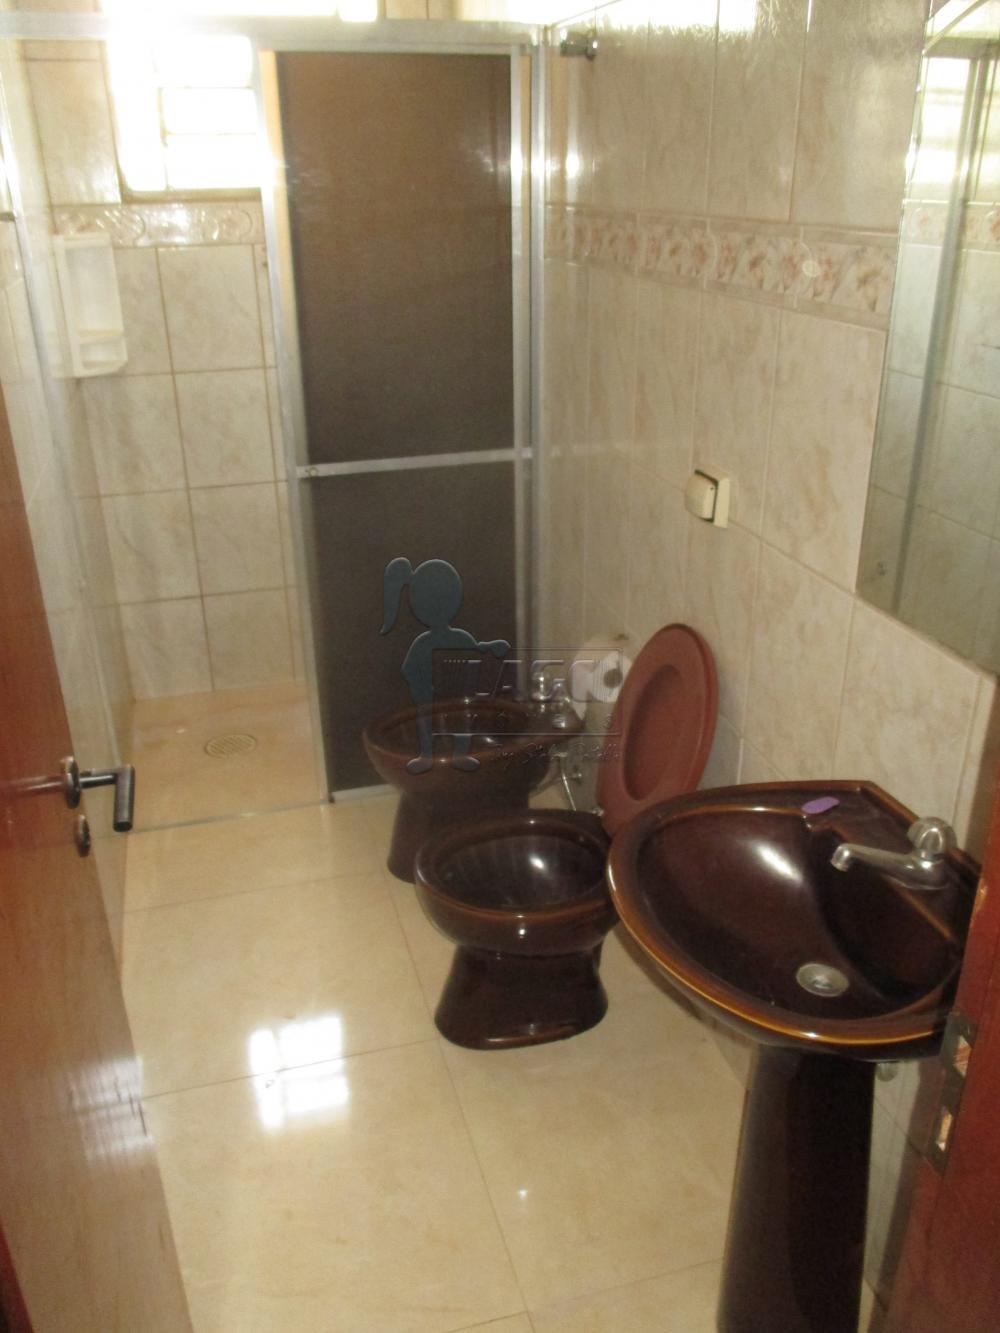 Alugar Casas / Padrão em Ribeirão Preto apenas R$ 900,00 - Foto 8